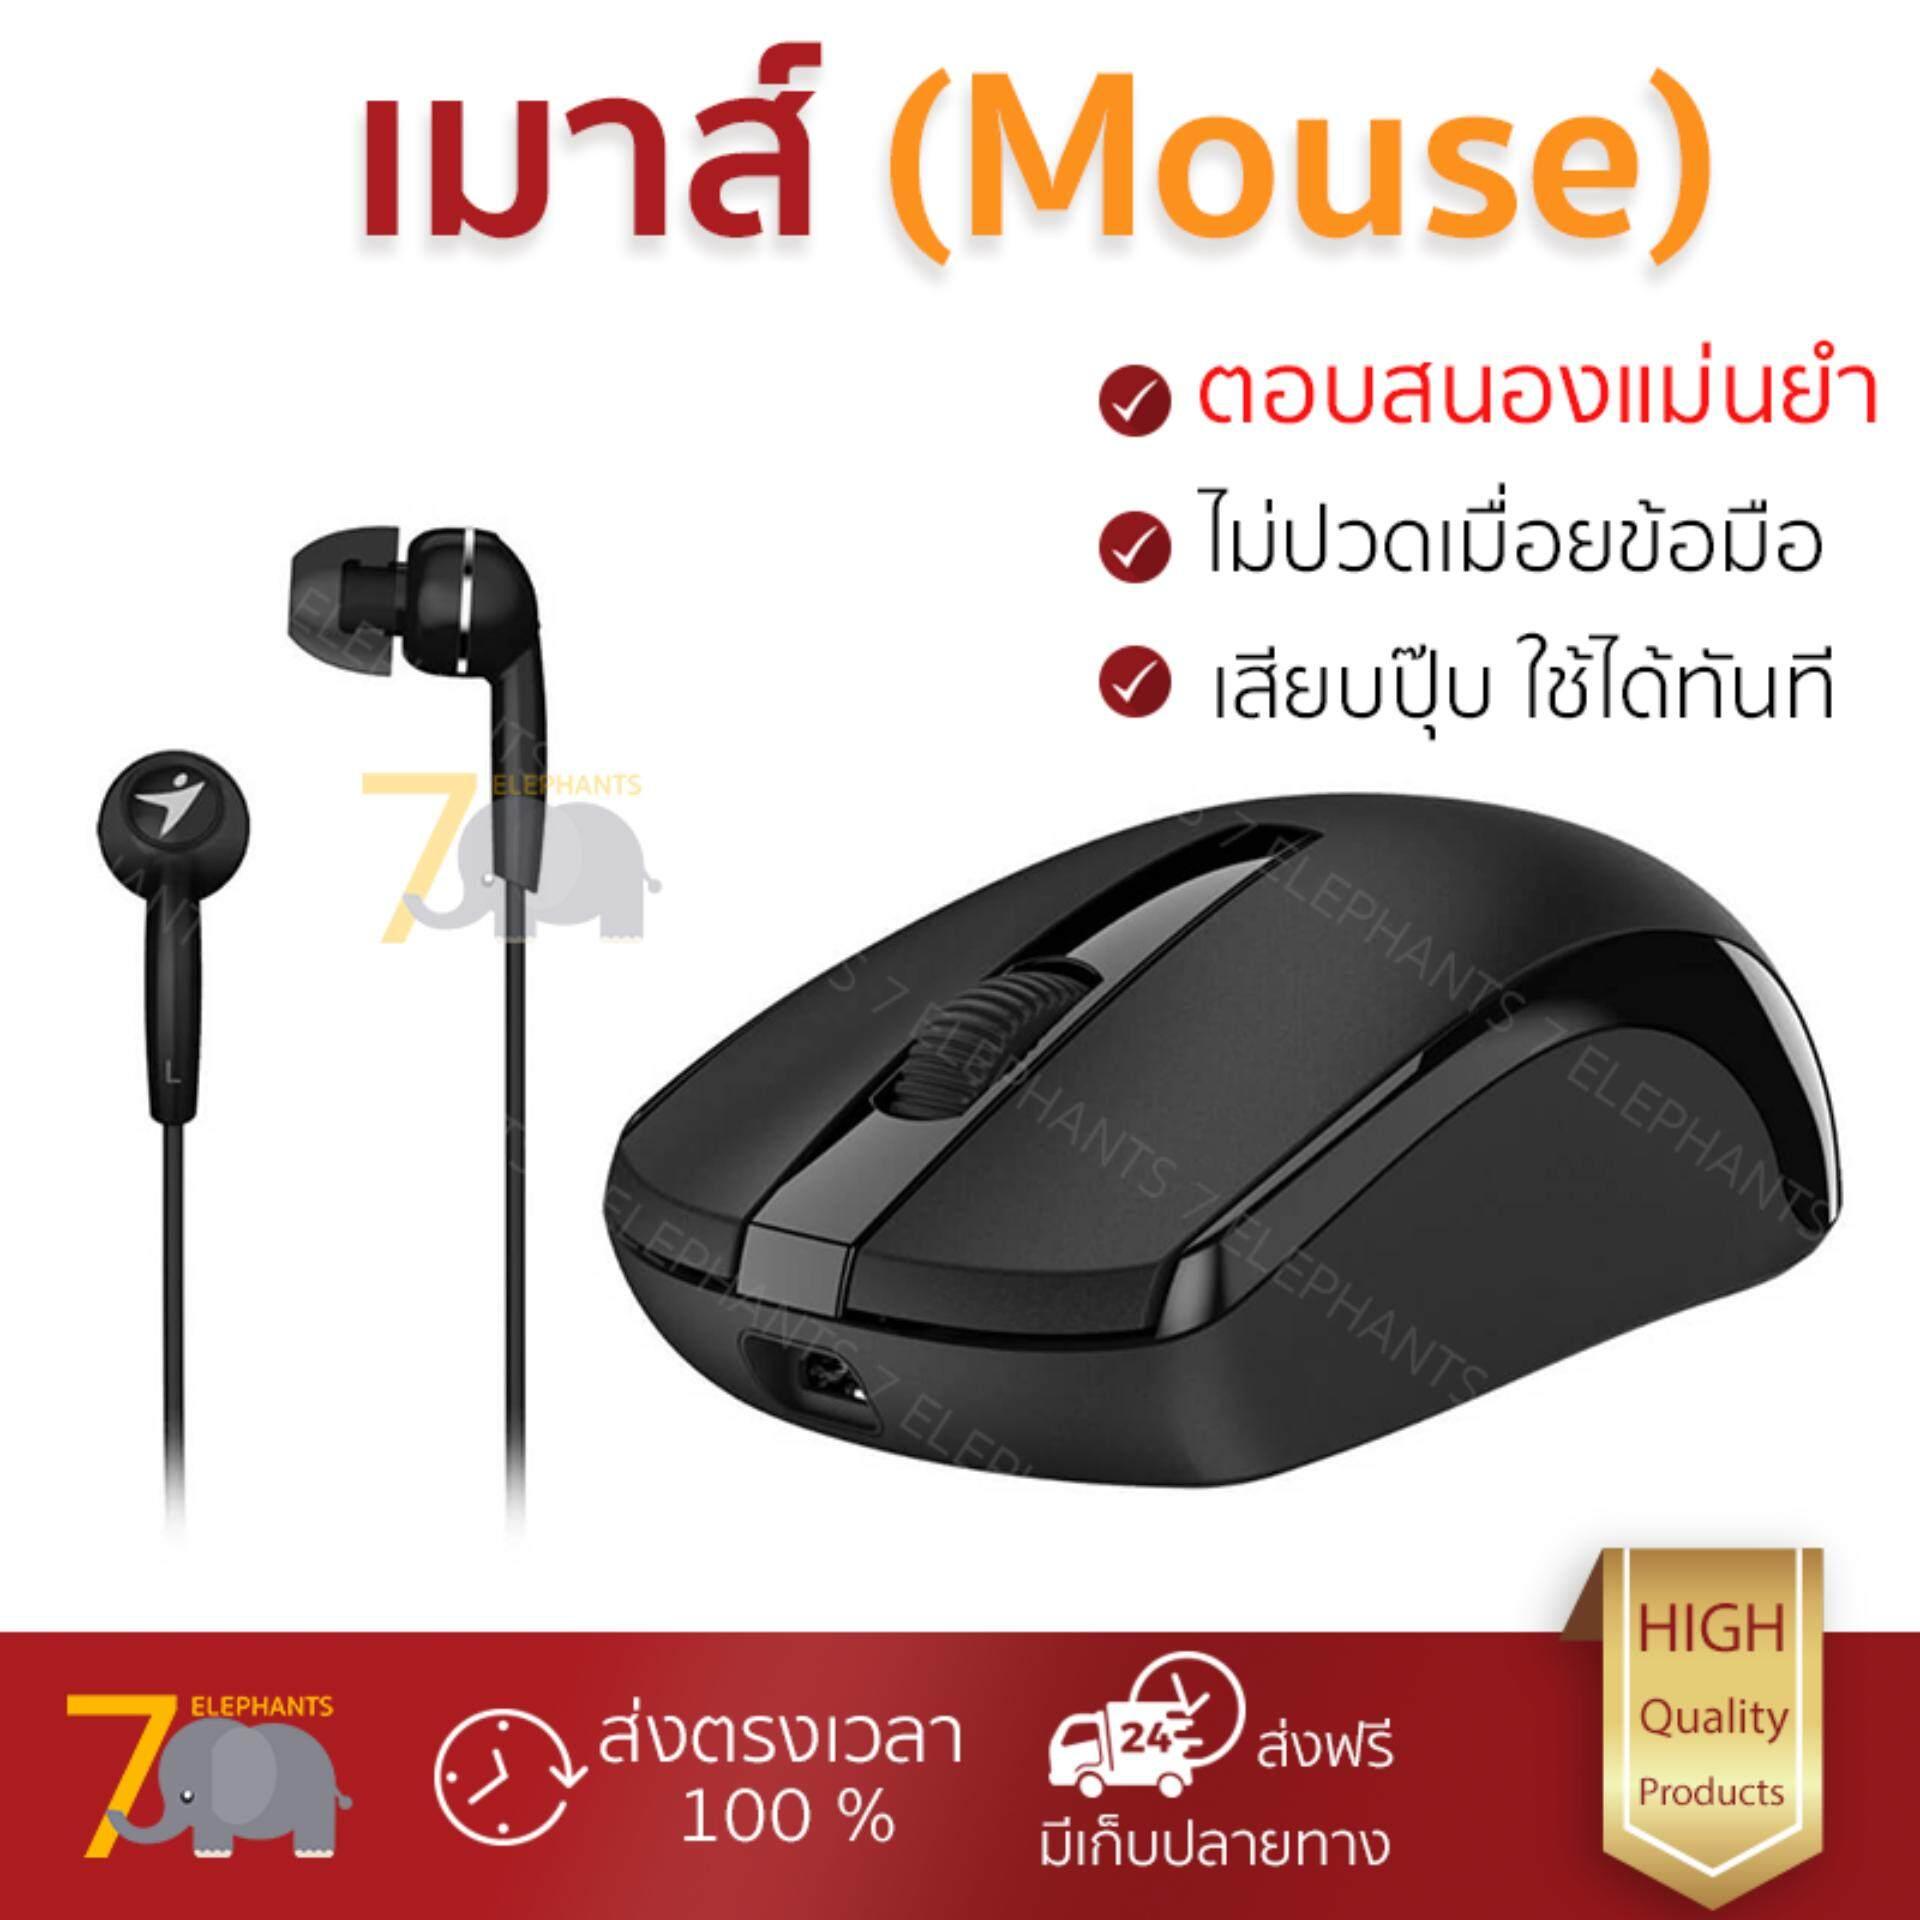 เก็บเงินปลายทางได้ รุ่นใหม่ล่าสุด เมาส์           GENIUS เมาส์ไร้สาย + หูฟัง (สีดำ) รุ่น MH-8100             เซนเซอร์คุณภาพสูง ทำงานได้ลื่นไหล ไม่มีสะดุด Computer Mouse  รับประกันสินค้า 1 ปี จัดส่งฟรี